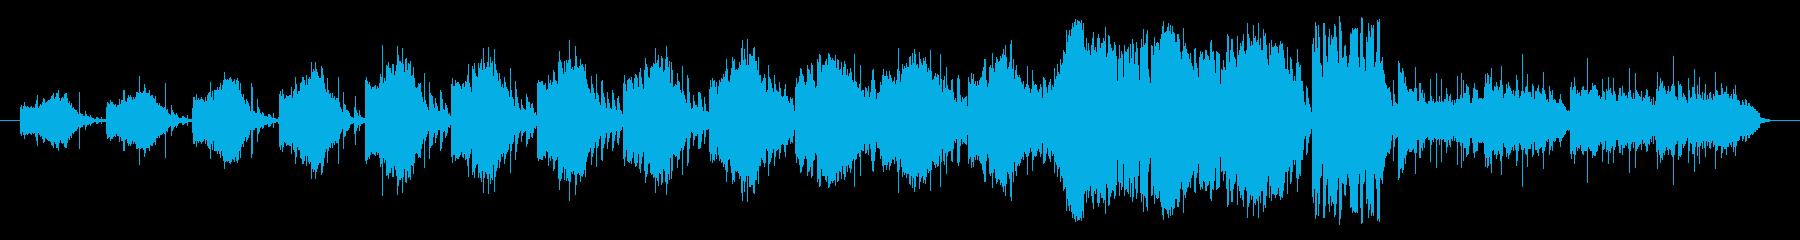 色々な音を組み合わせたリズム形を基調に…の再生済みの波形